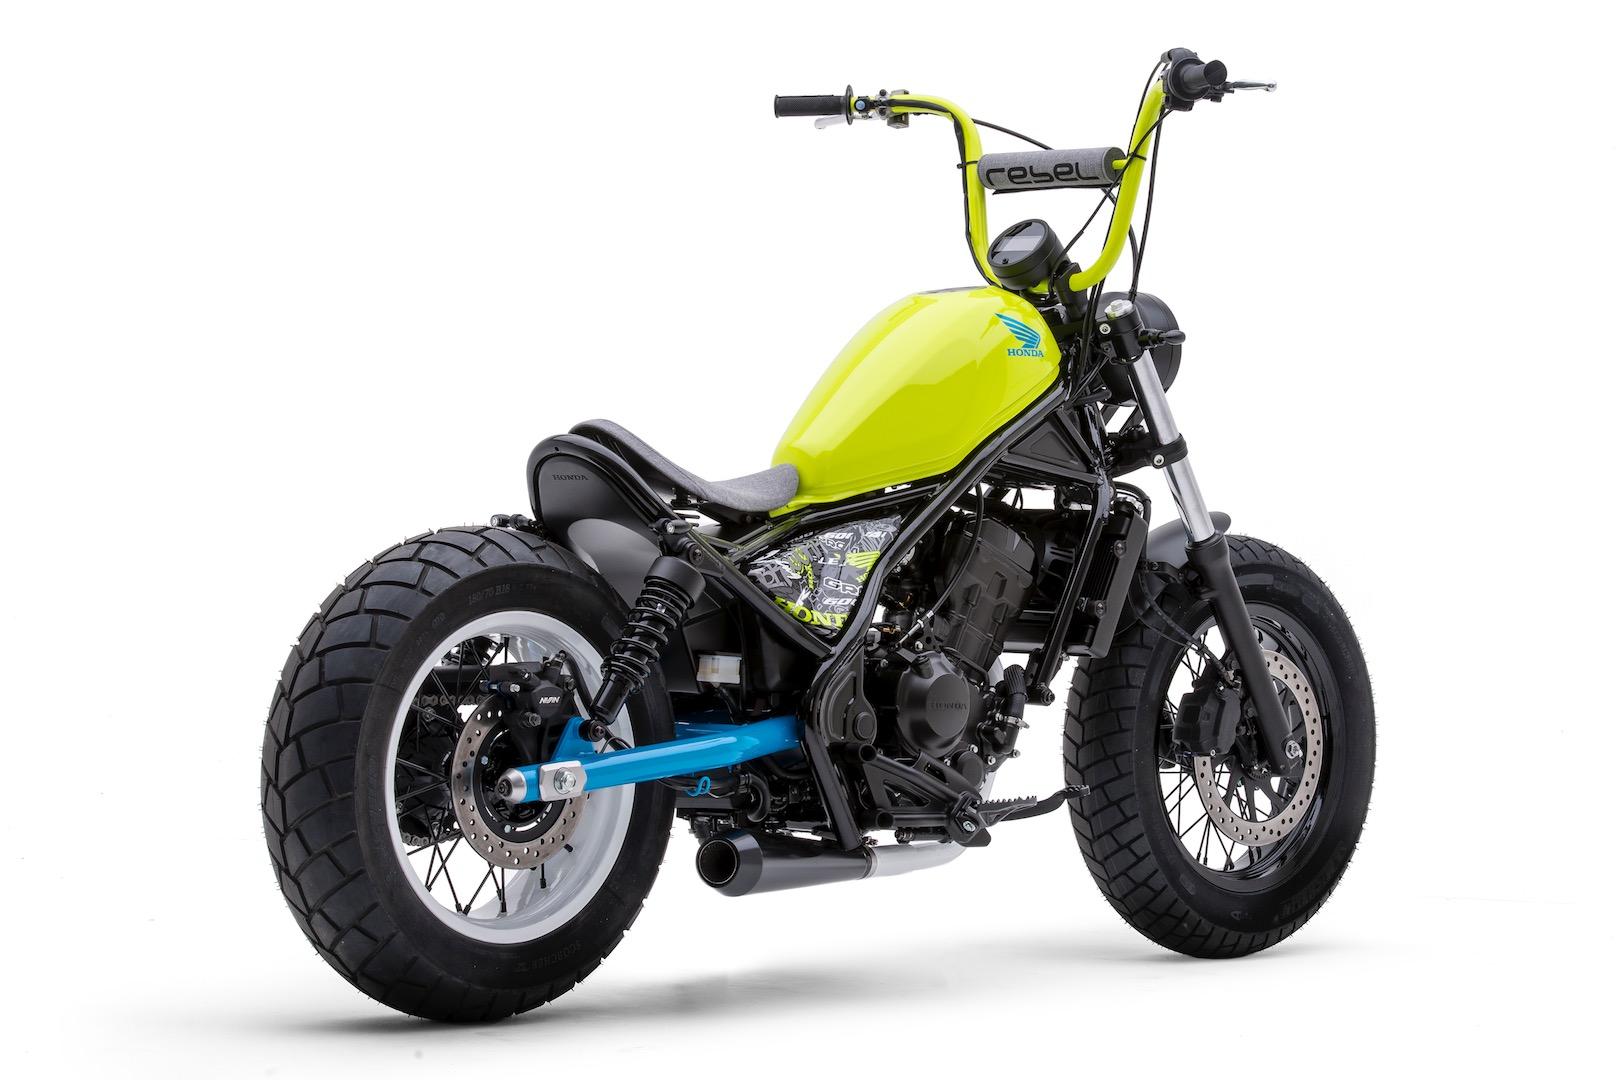 2018 Honda Rebel 250 >> 早くもキタ!ホンダ「レブル300&500 」ベースのカスタムマシンが斬新だ! | forRide(フォーライド)